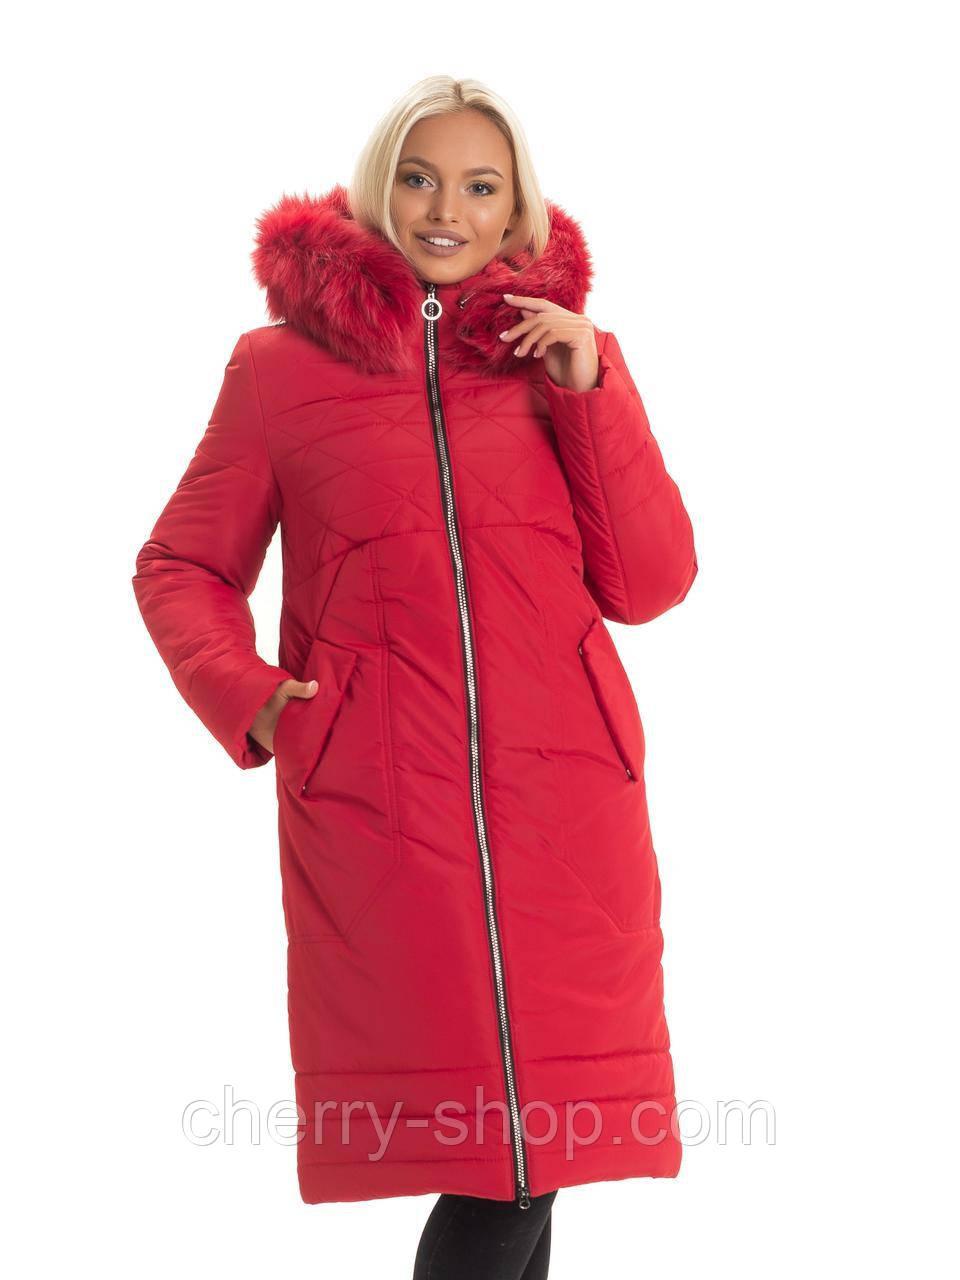 Модний червоний пуховик для жінок